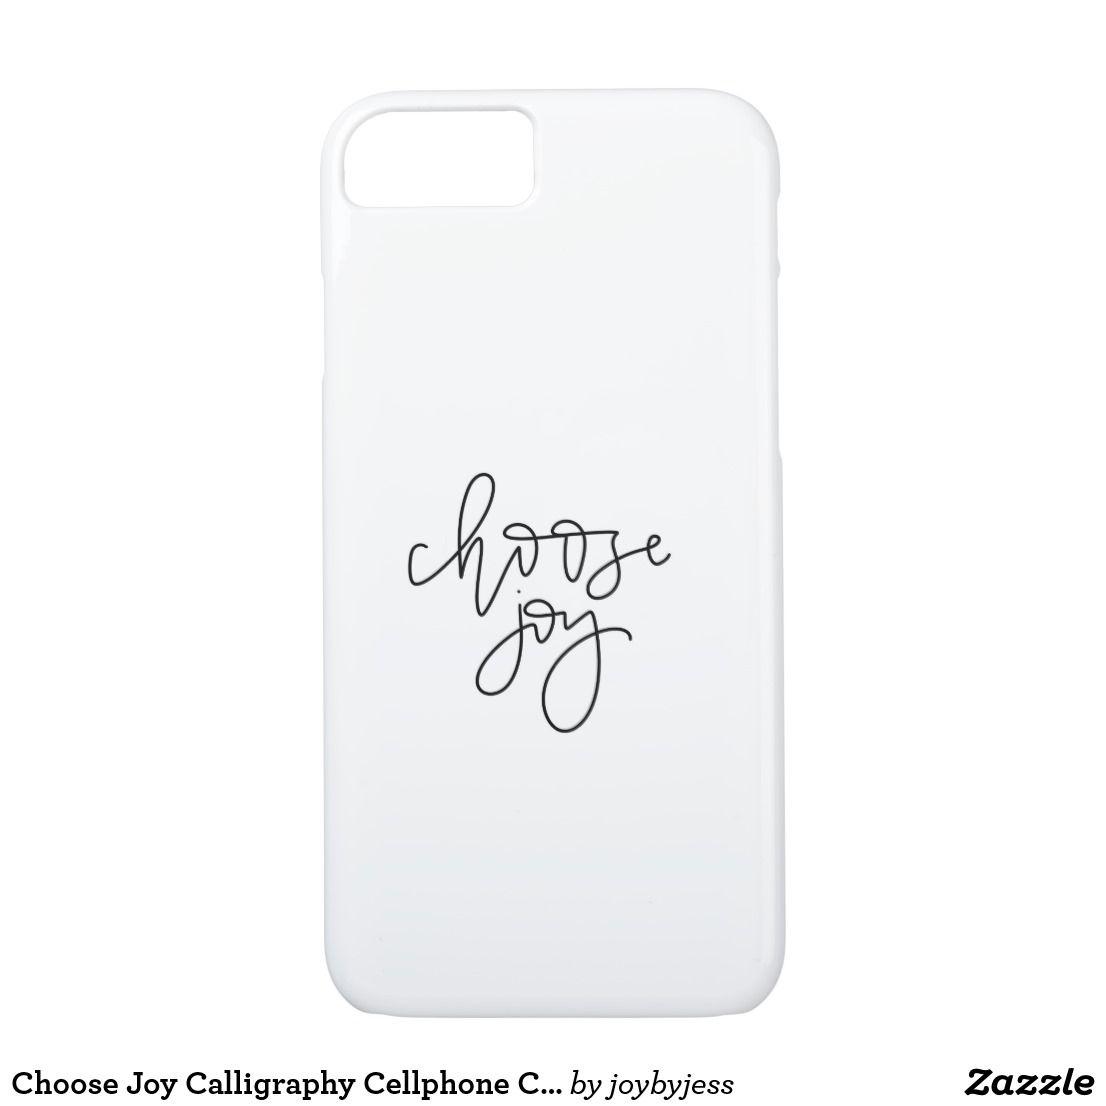 Choose Joy Calligraphy Cellphone Case